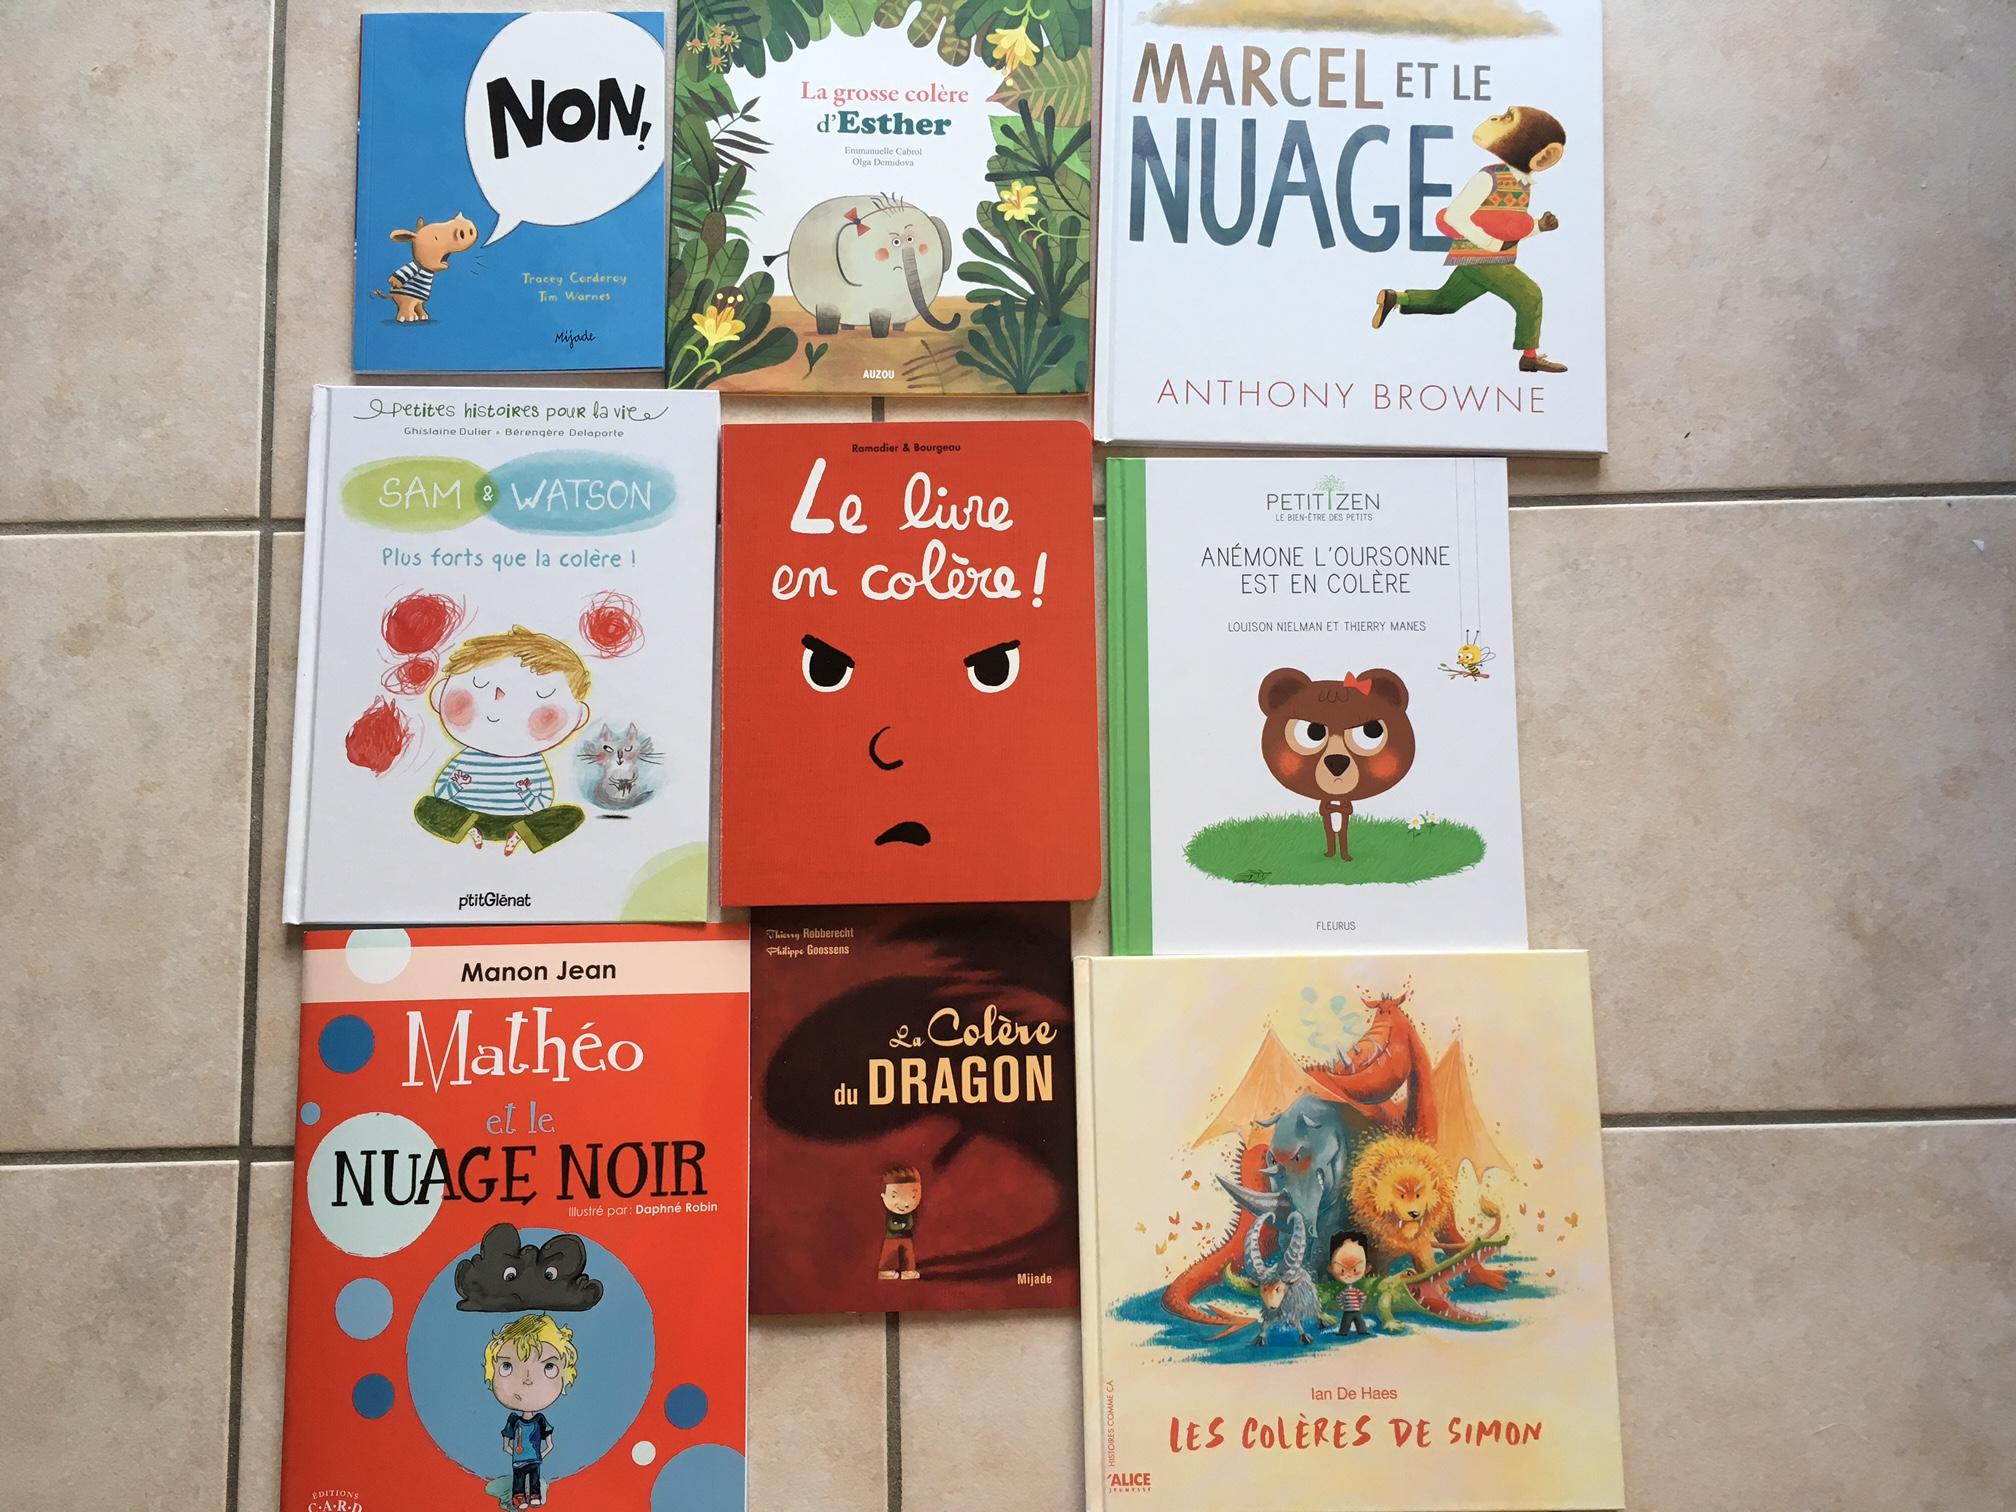 df15b8ac402b5 9 livres pour aider les enfants à exprimer leur colère sans violence